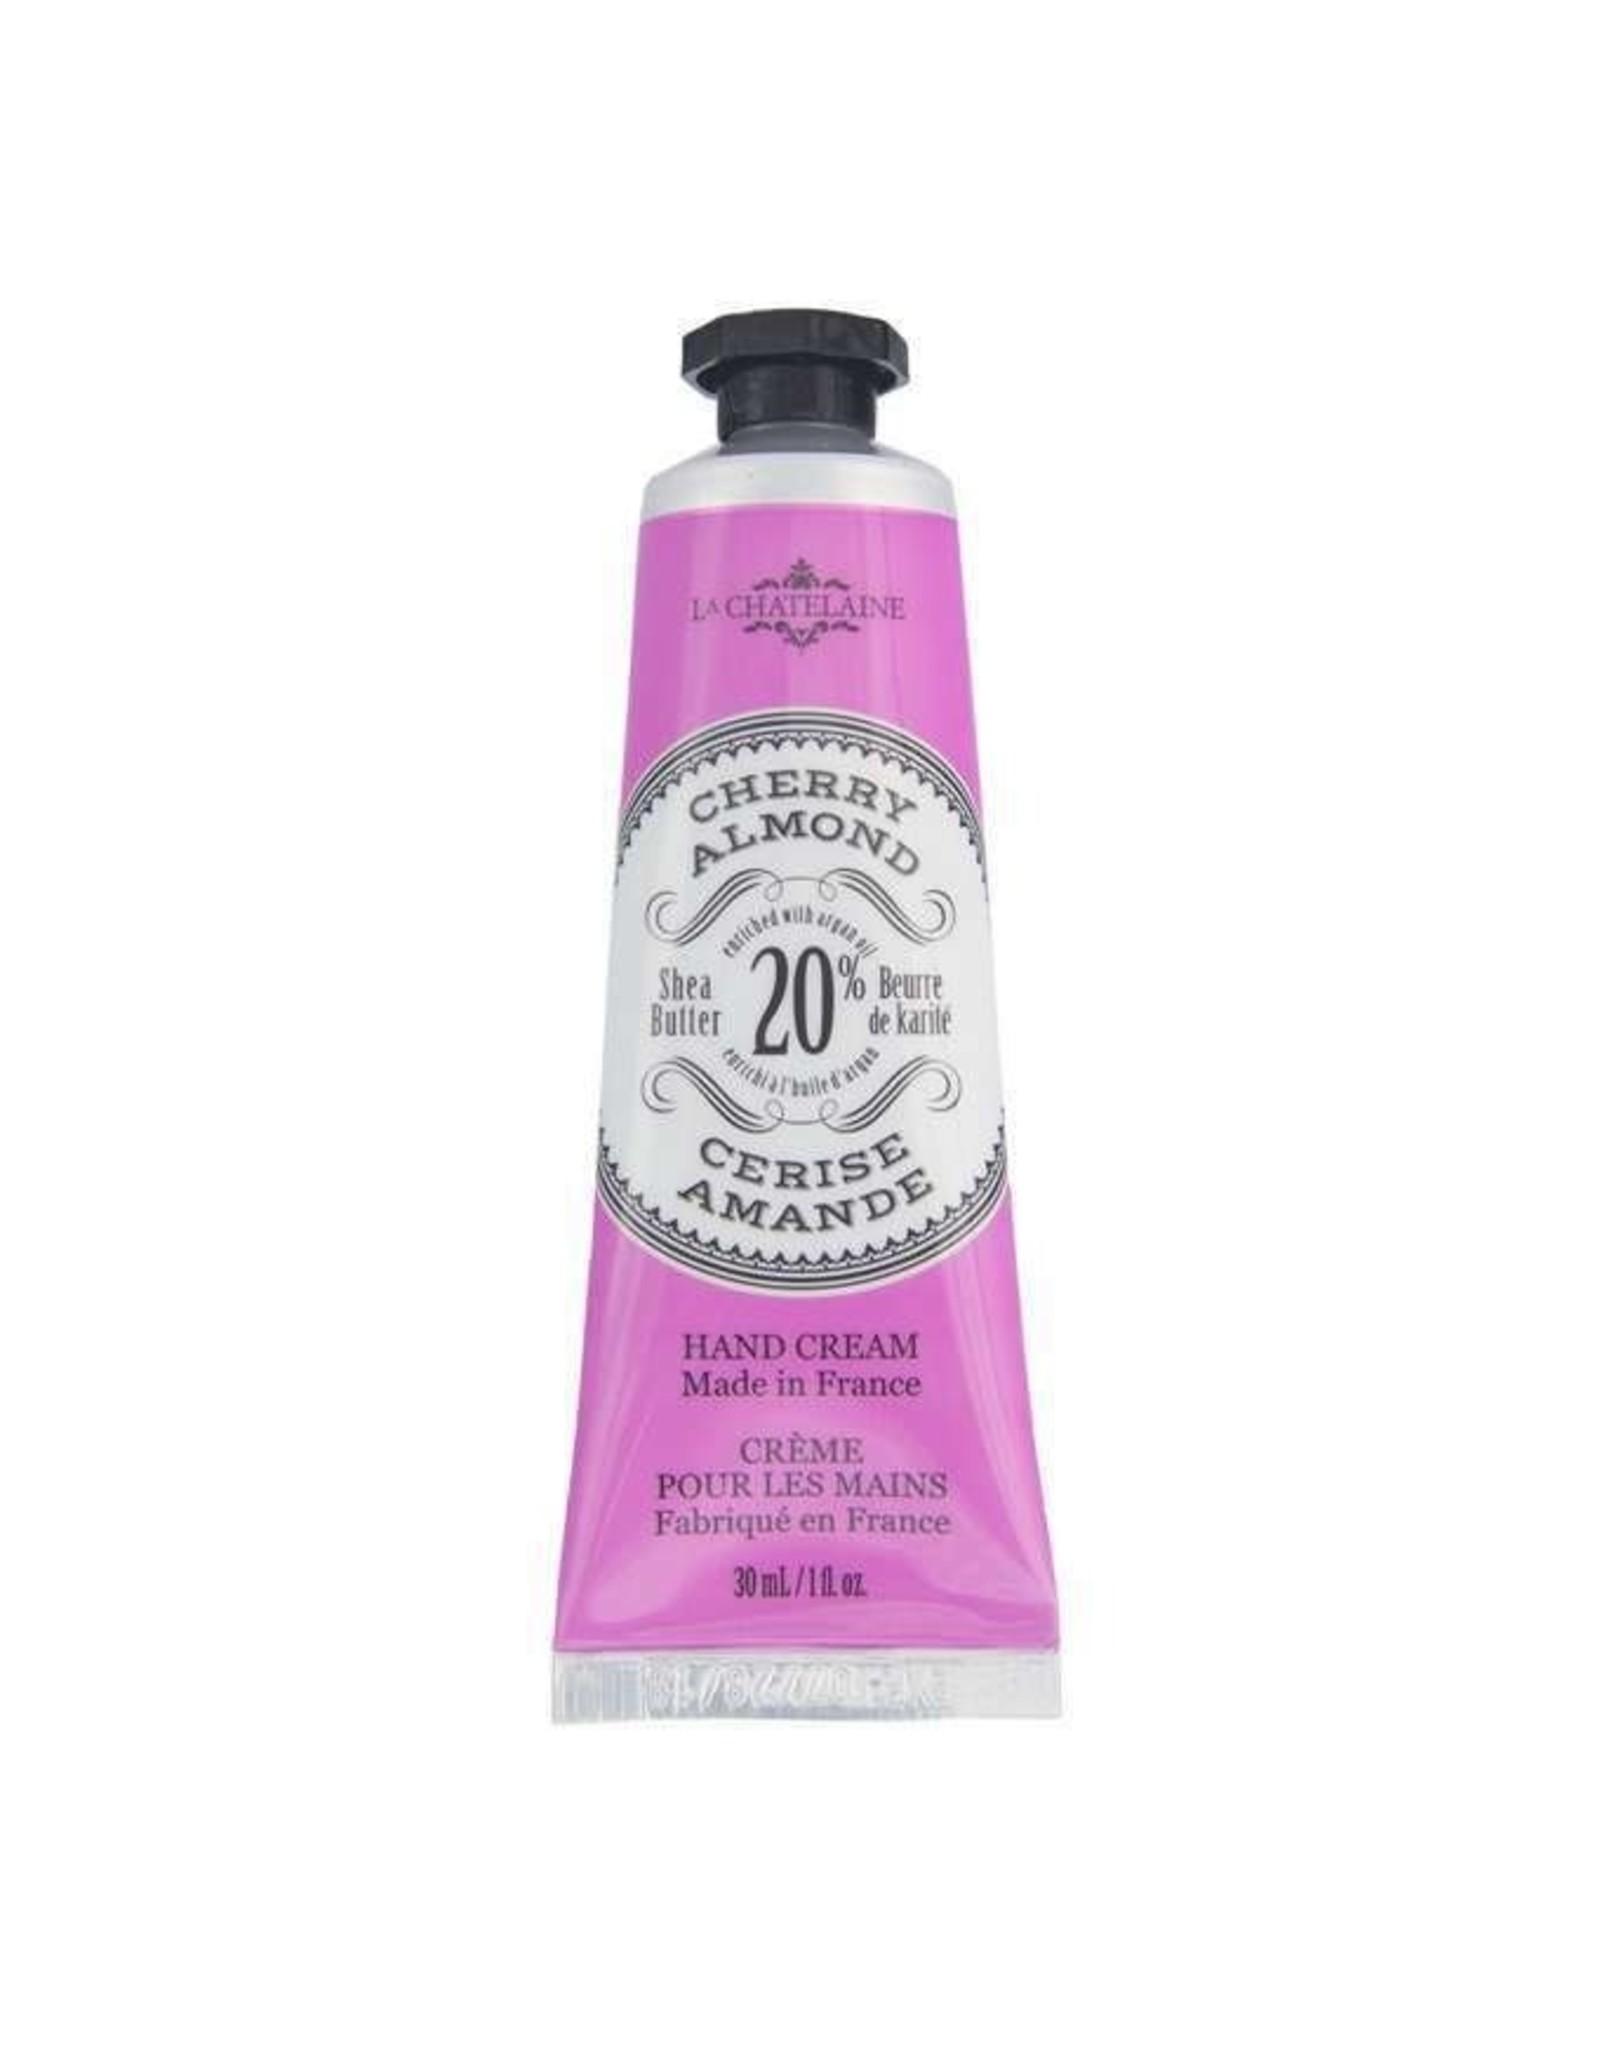 La Chatelaine Cherry Almond Hand Cream